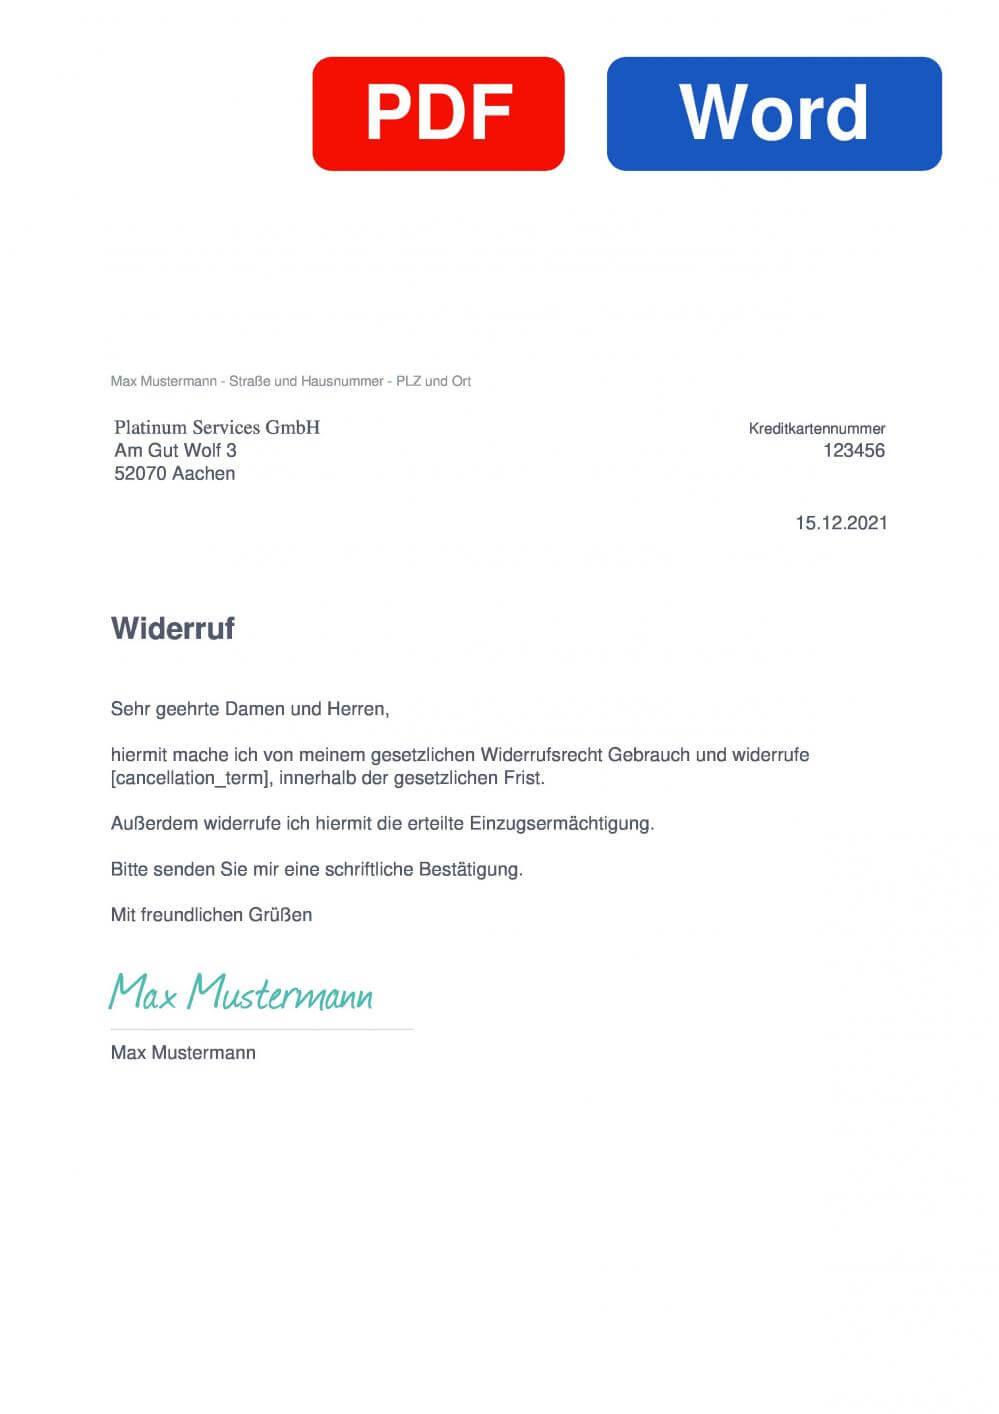 Platinum Card Services Muster Vorlage für Wiederrufsschreiben